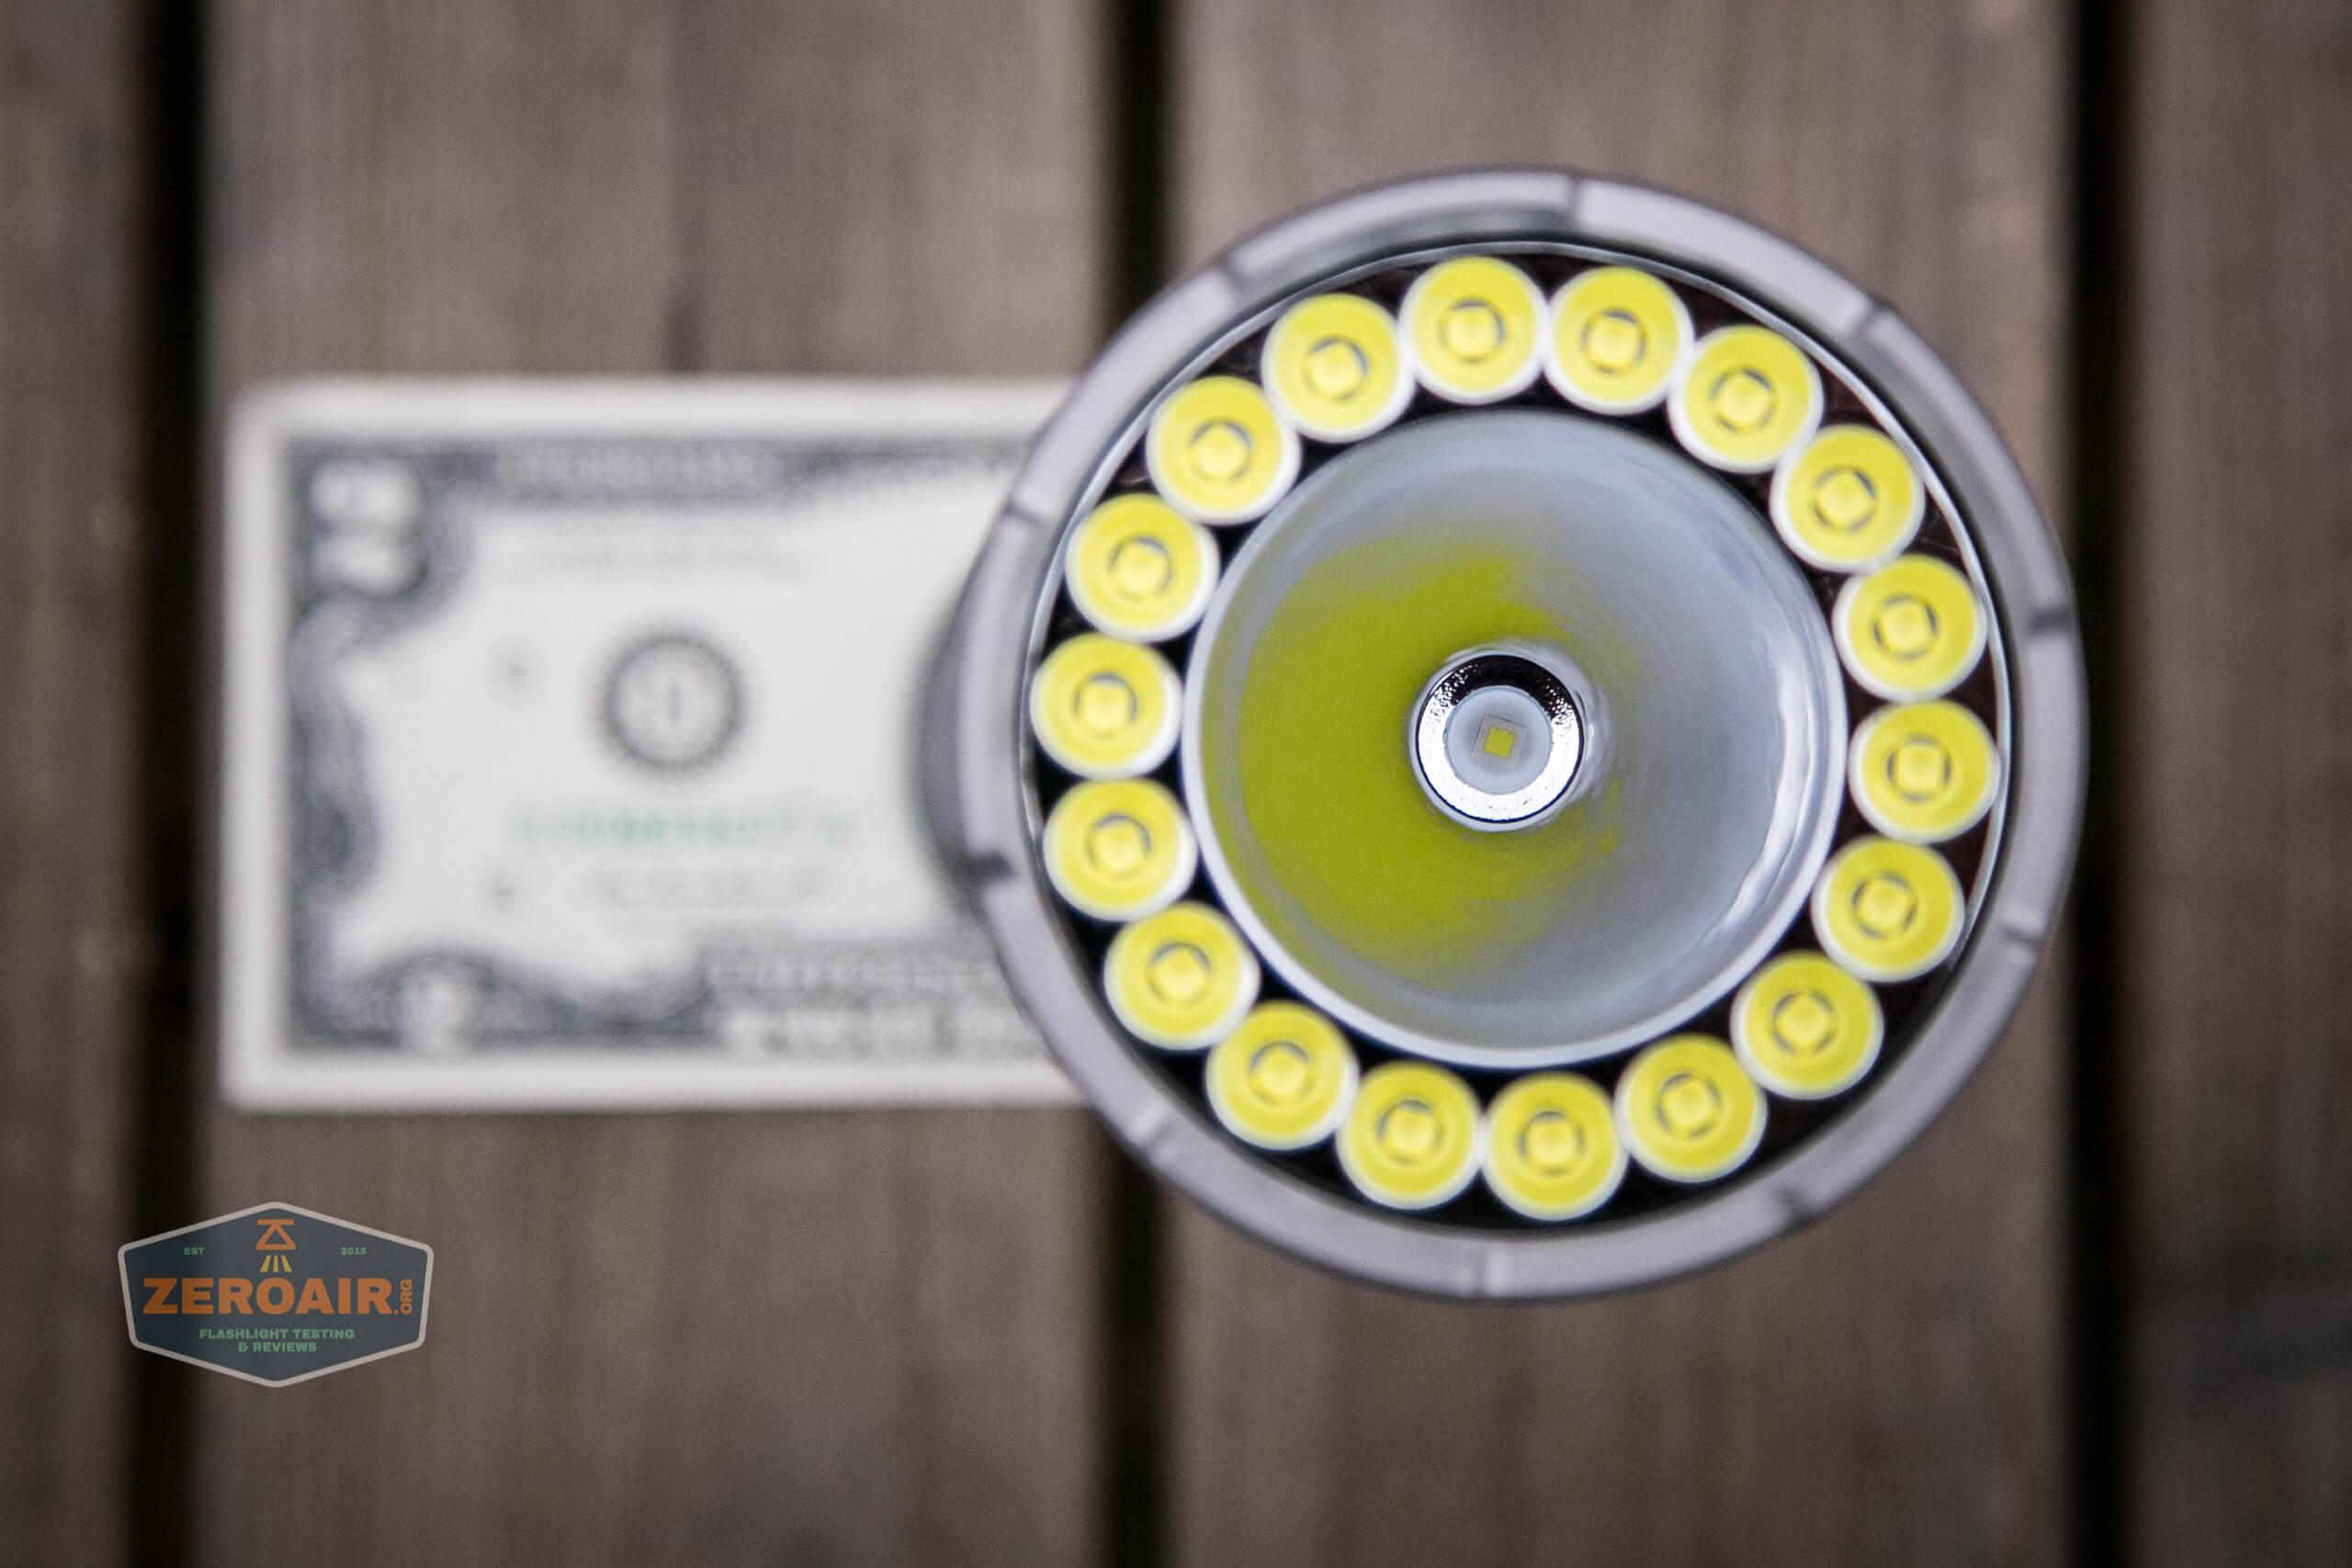 fenix lr40r on two dollar bill